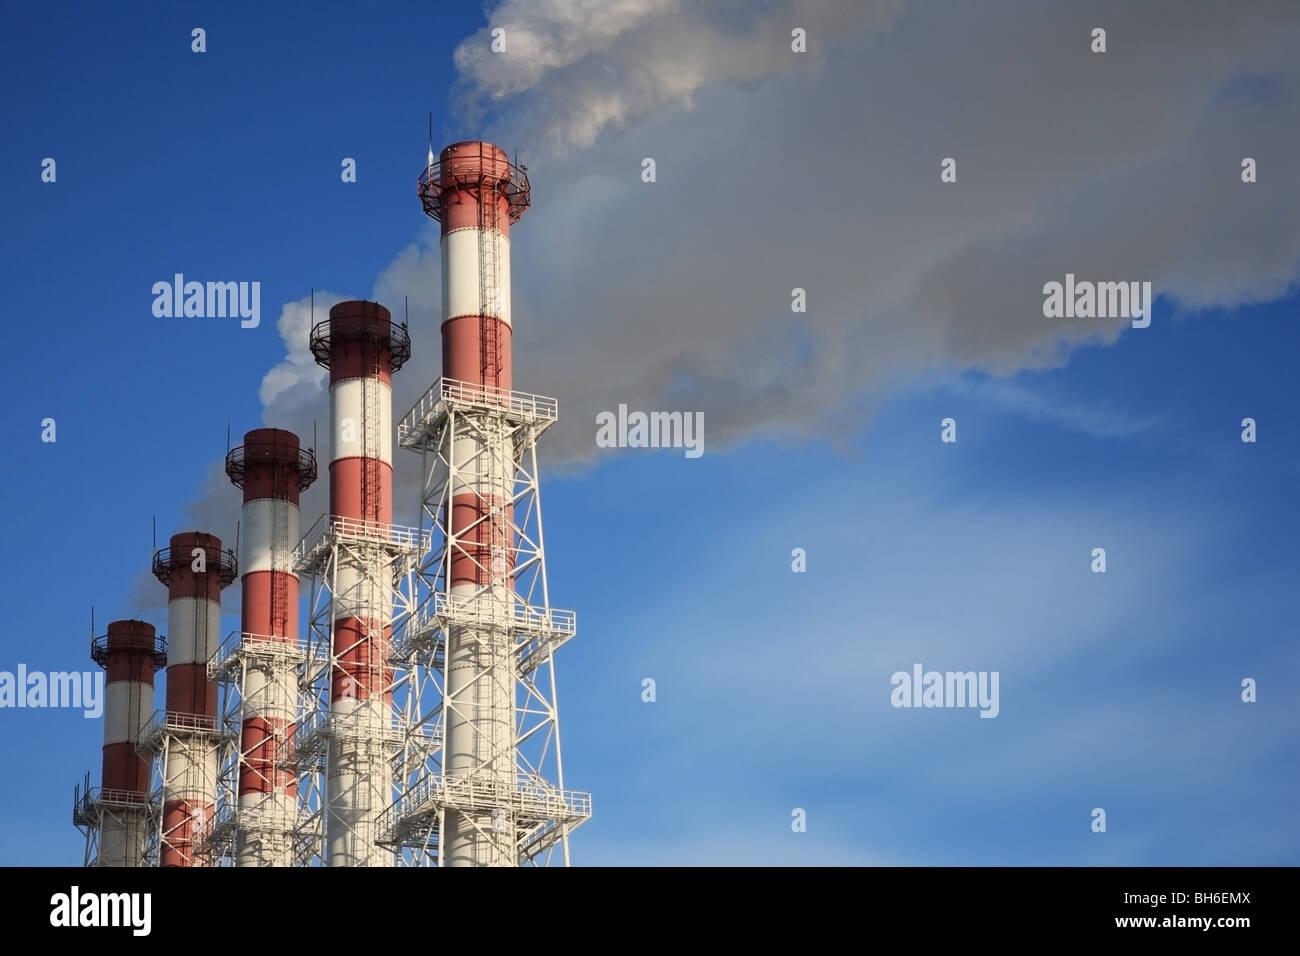 Cinq cheminées avec de la vapeur sur un fond de ciel bleu. Photo Stock